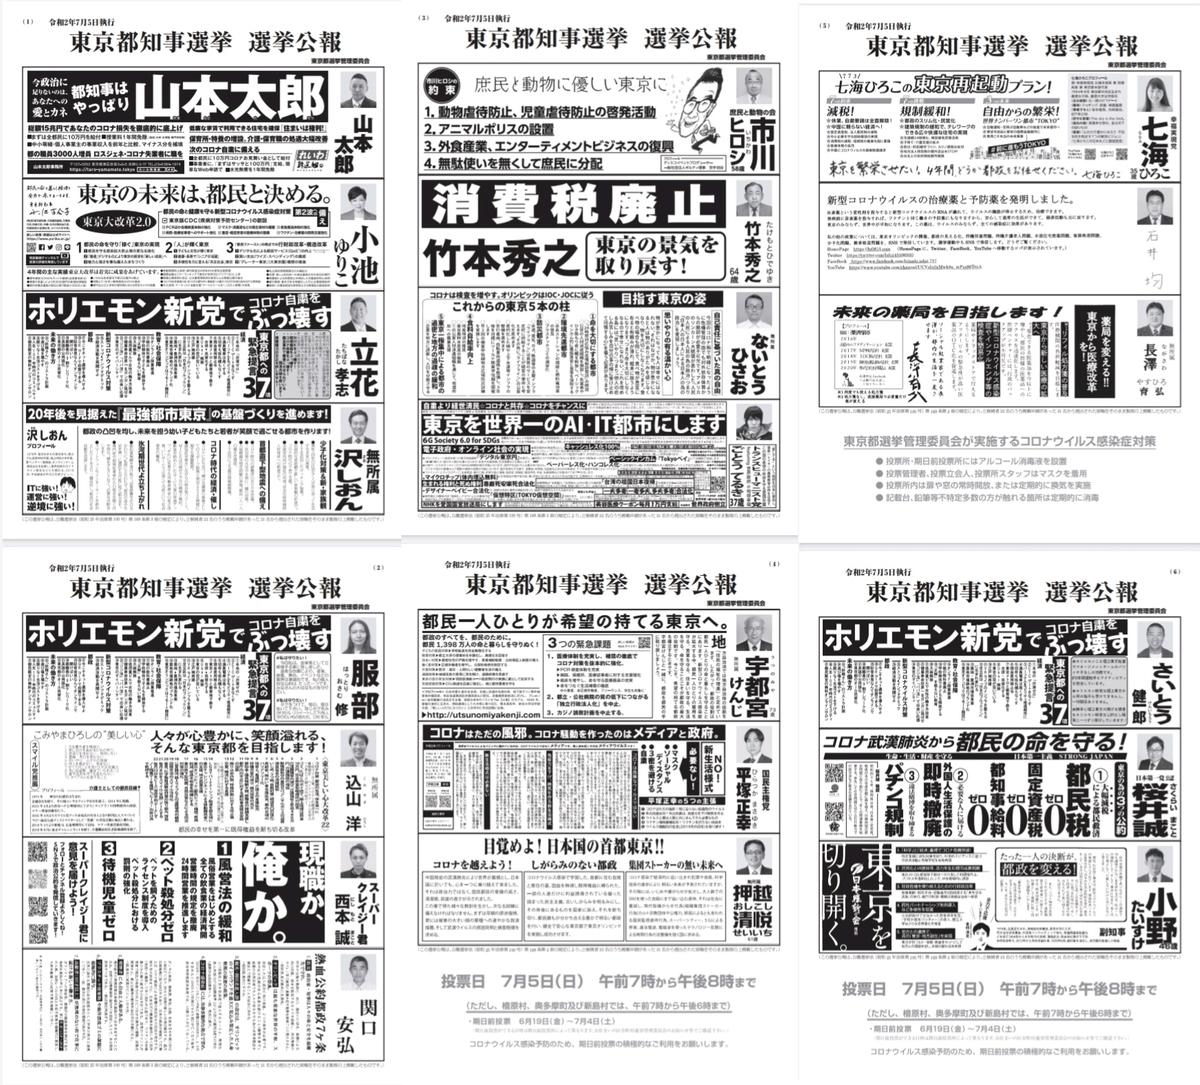 f:id:fu_ryu:20200704133644j:plain